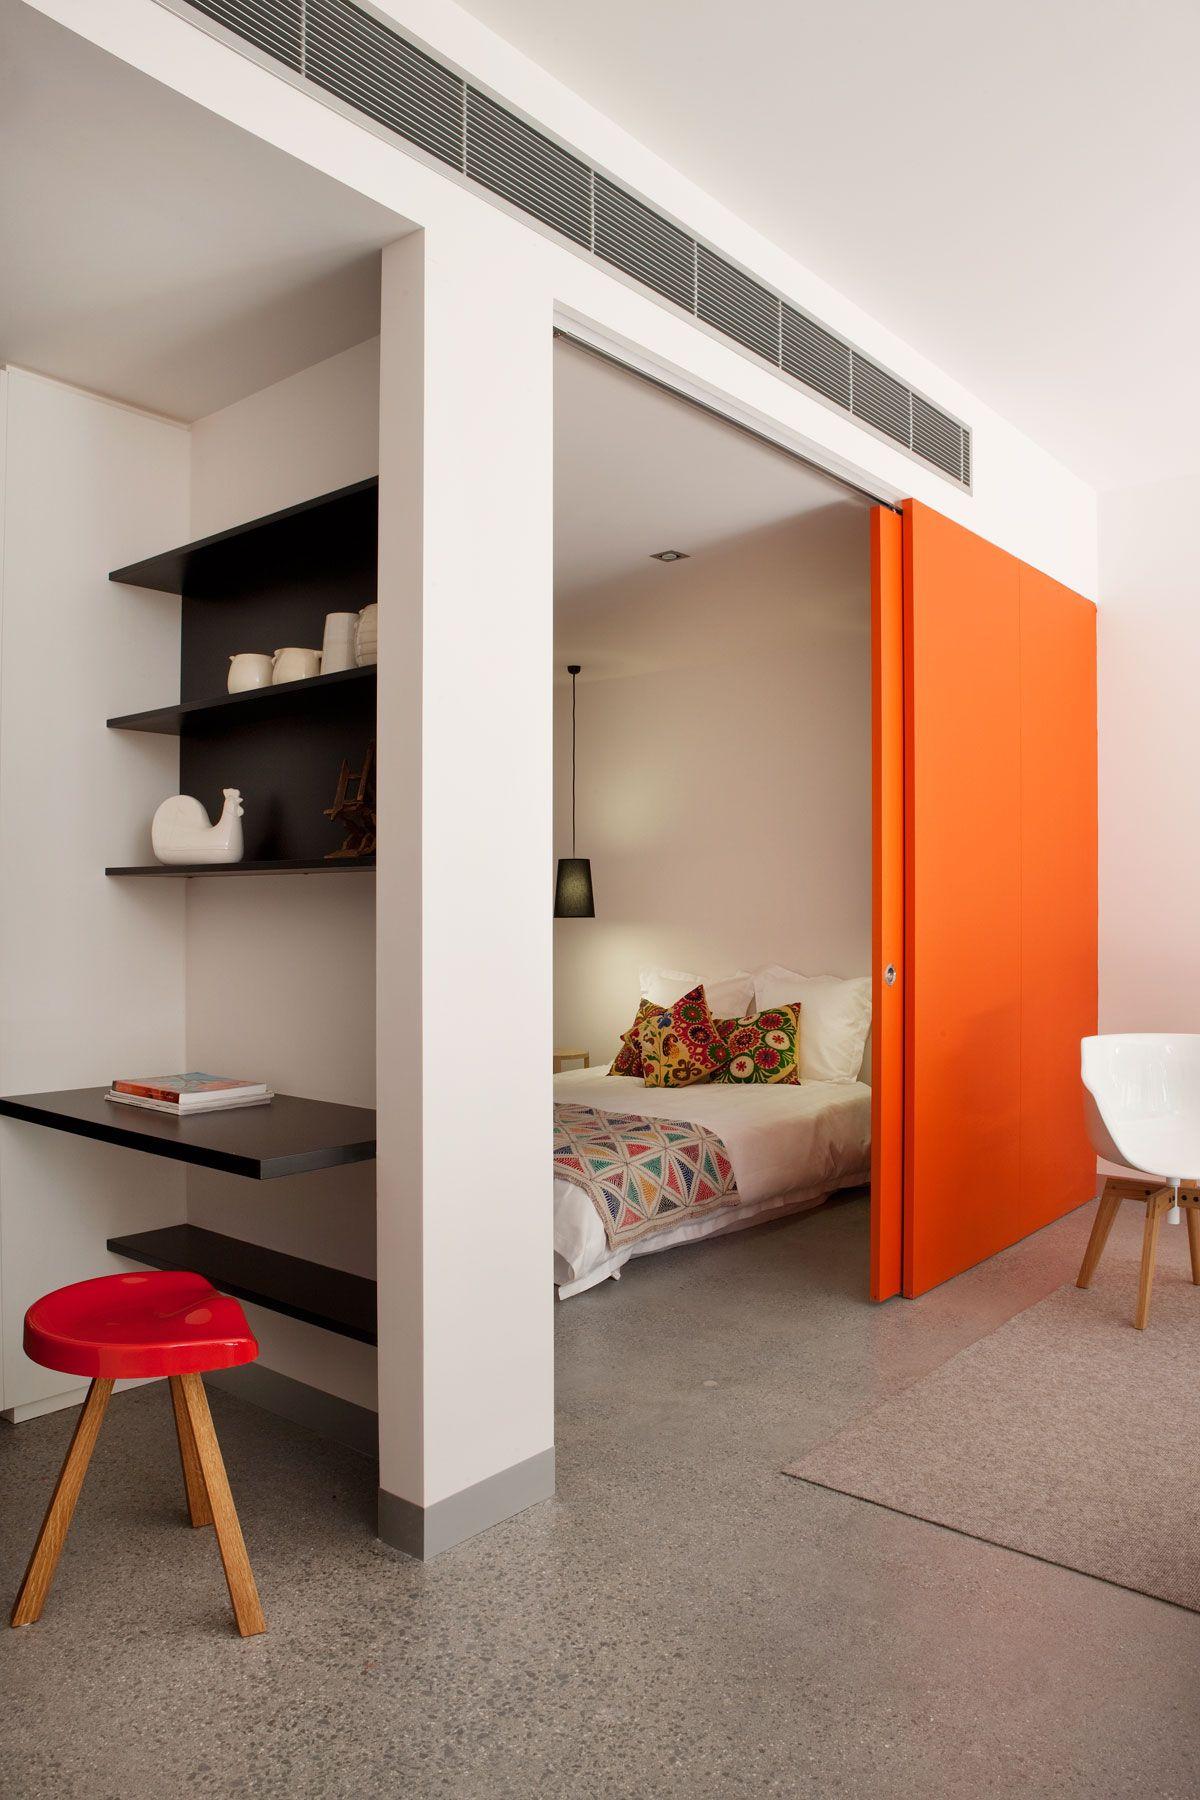 Interior design by neometro developments un intenso y muy calido el